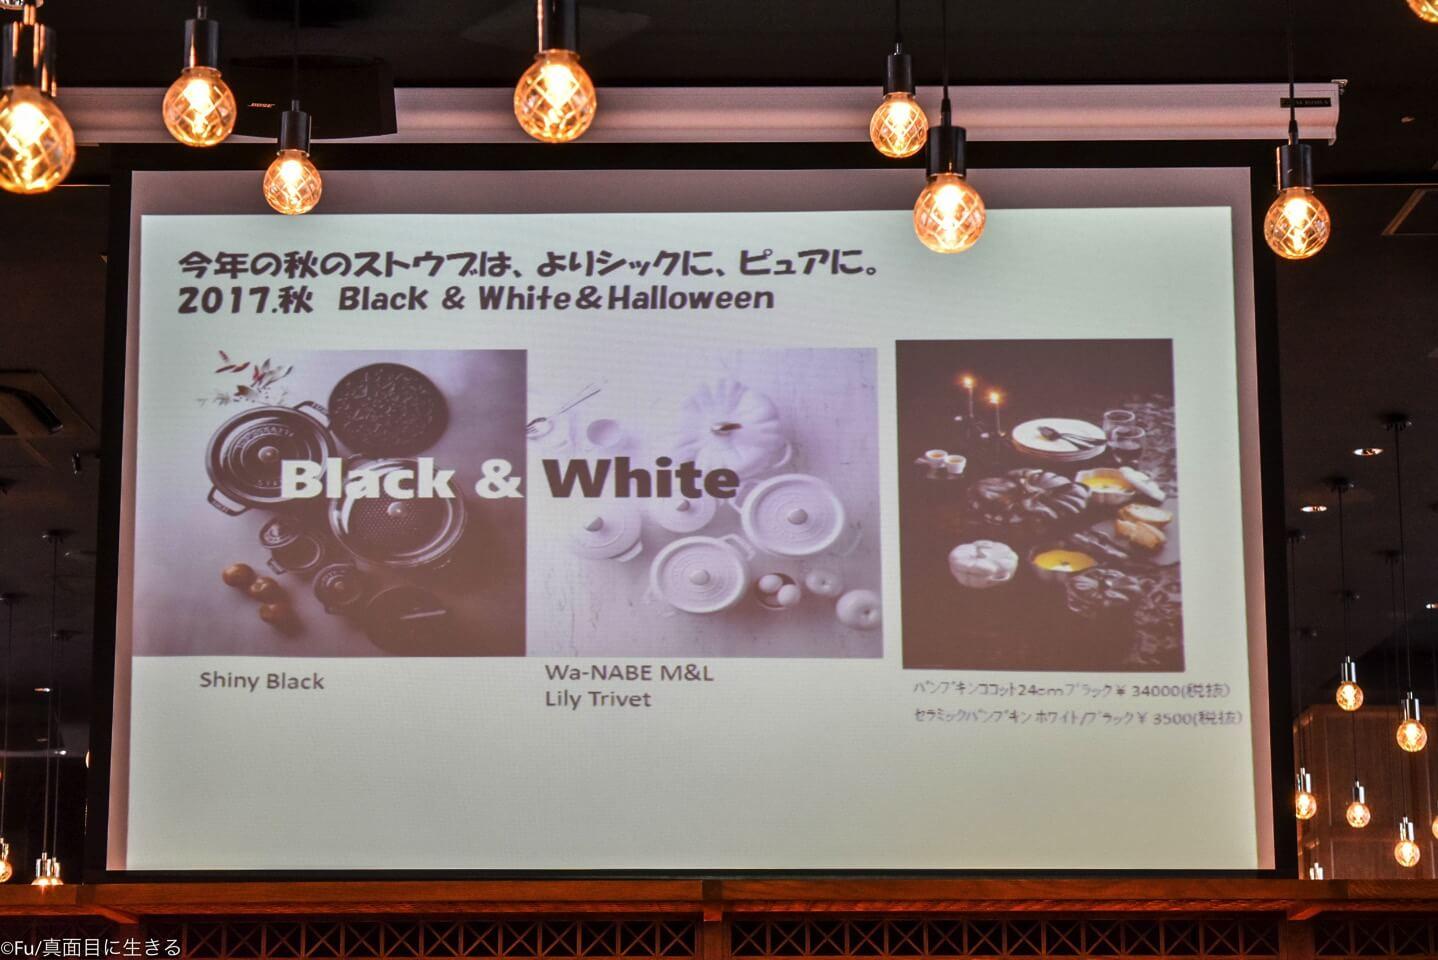 シャイニーブラック & ピュアホワイト